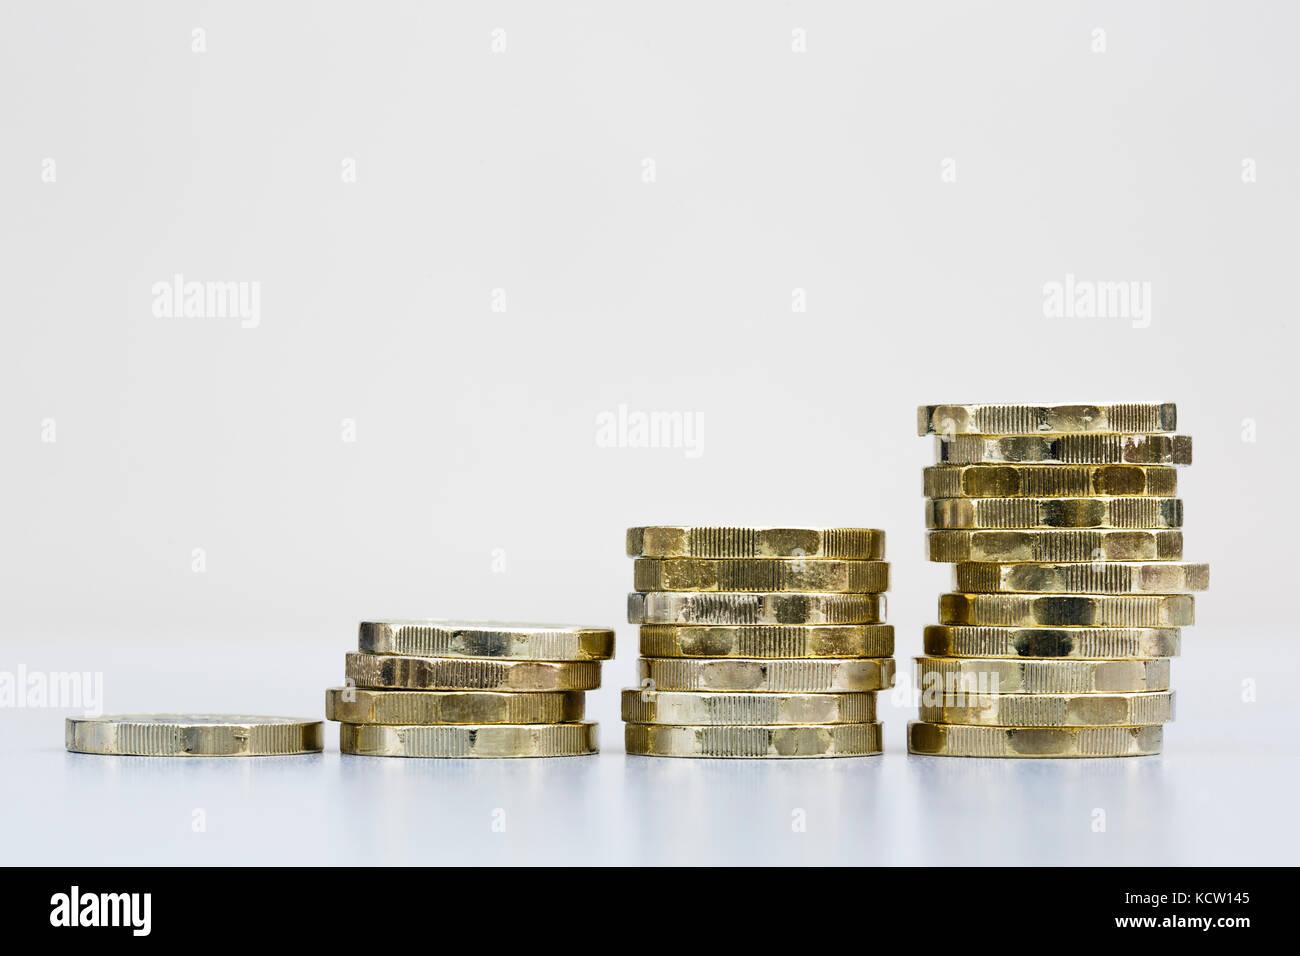 Montón de dinero británico libras esterlinas nuevas monedas de una libra dinero en efectivo GBP en cuatro pilas Ahorra ahorros crecimiento crecimiento concepto de crecimiento financiero Inglaterra Reino Unido Gran Bretaña Foto de stock